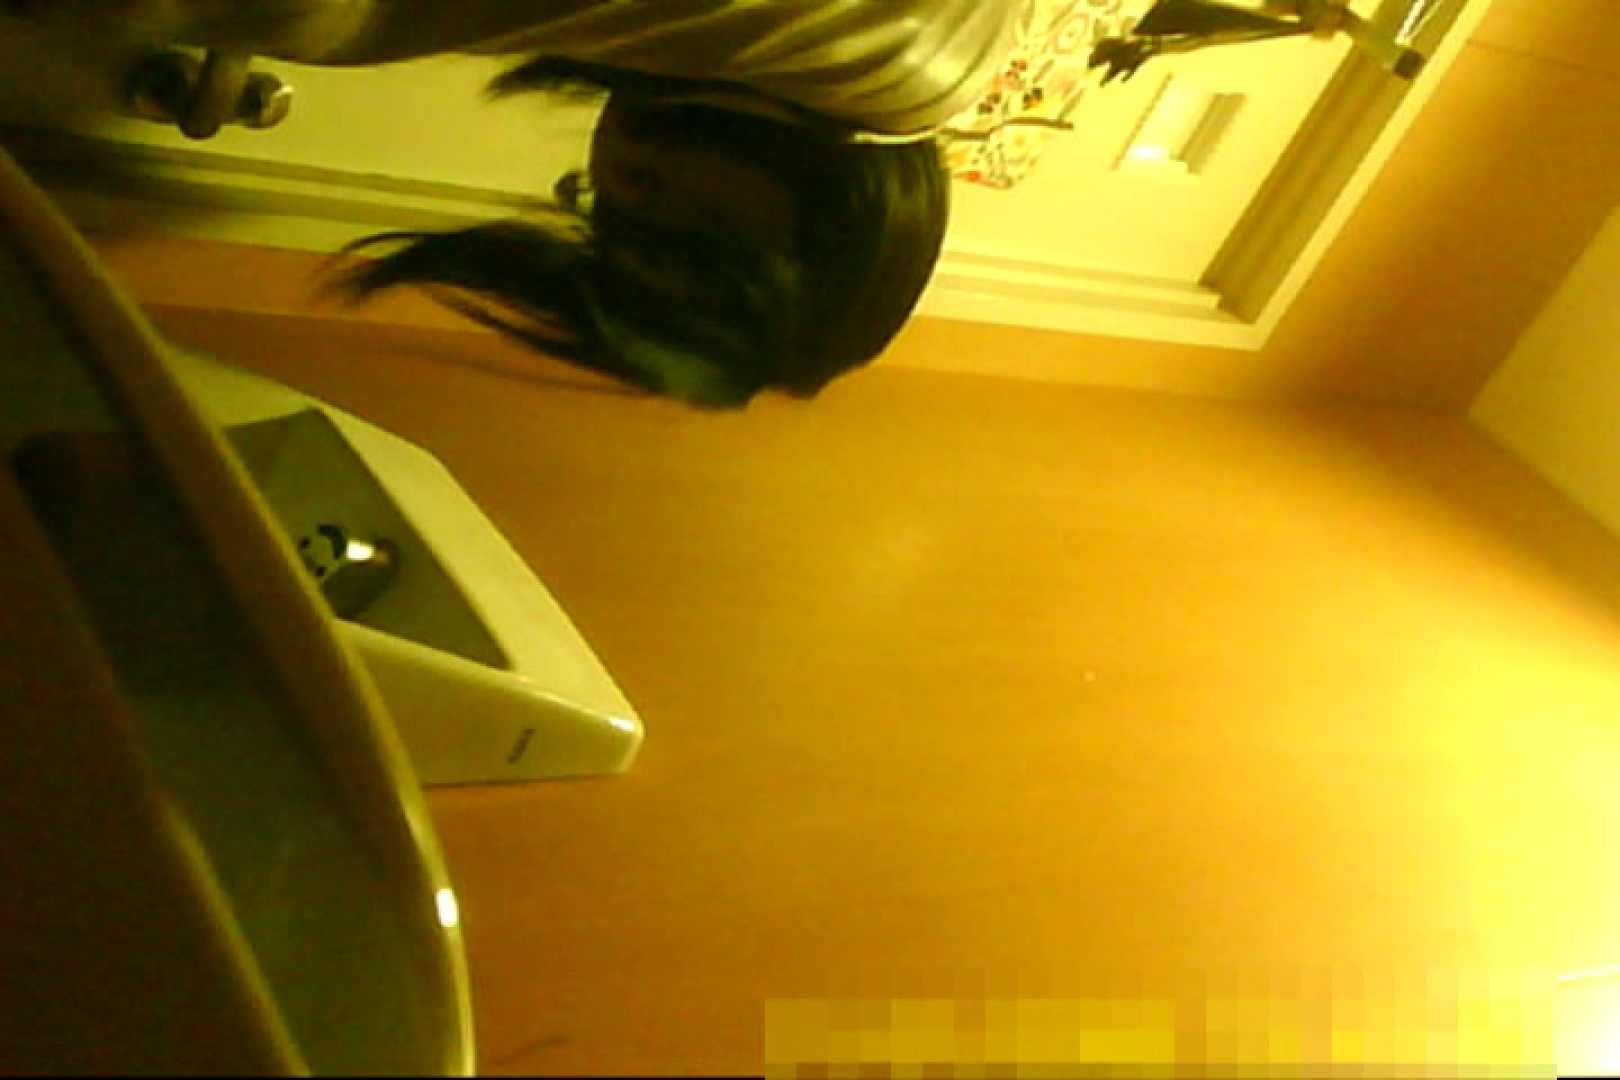 魅惑の化粧室~禁断のプライベート空間~29 プライベート  87pic 28